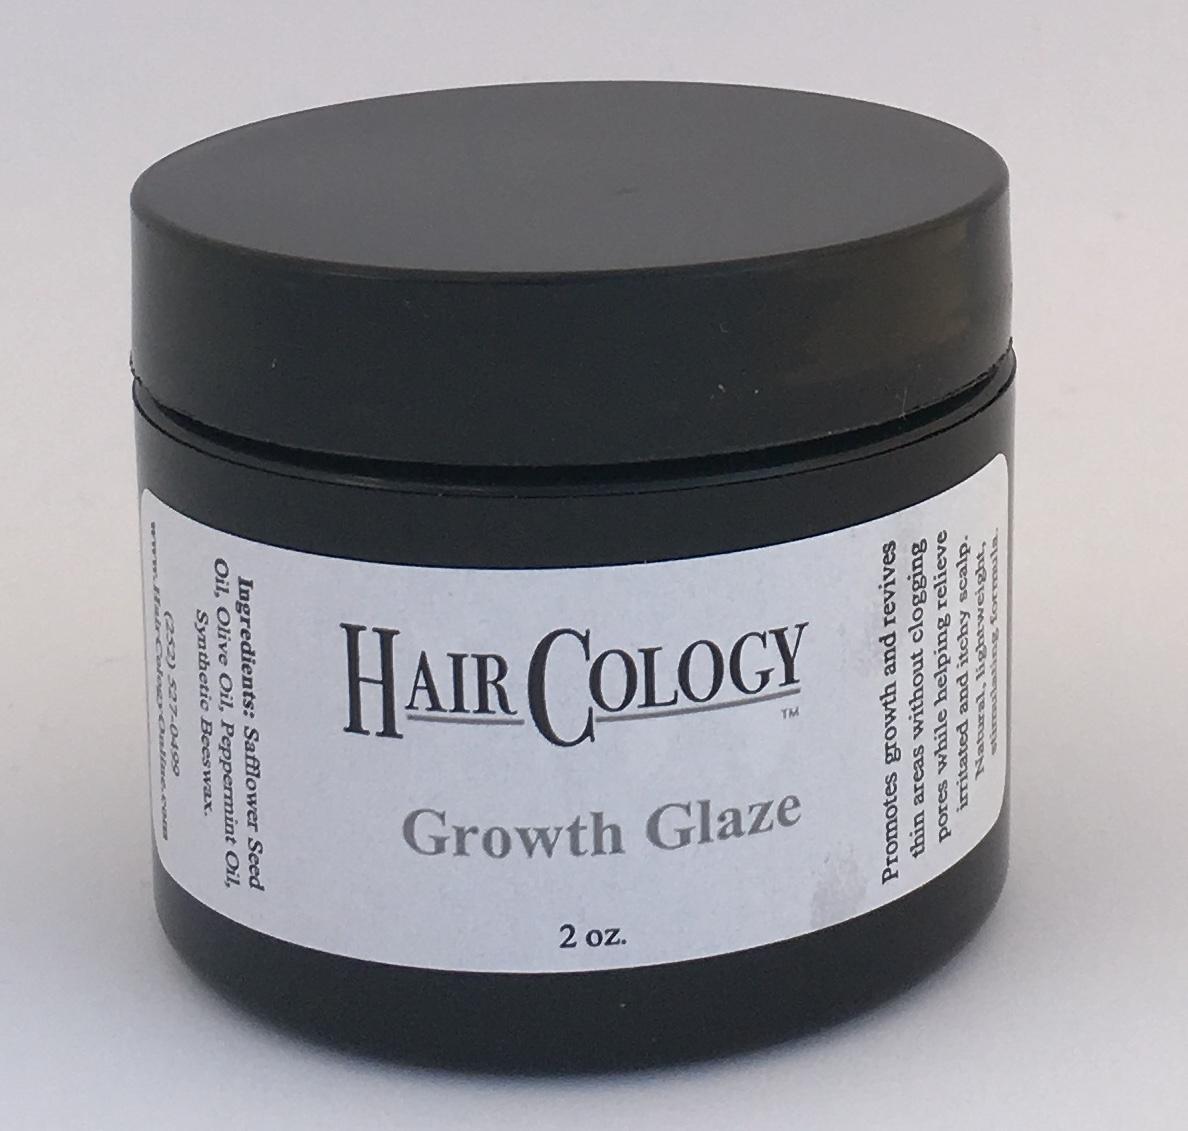 Growth Glaze